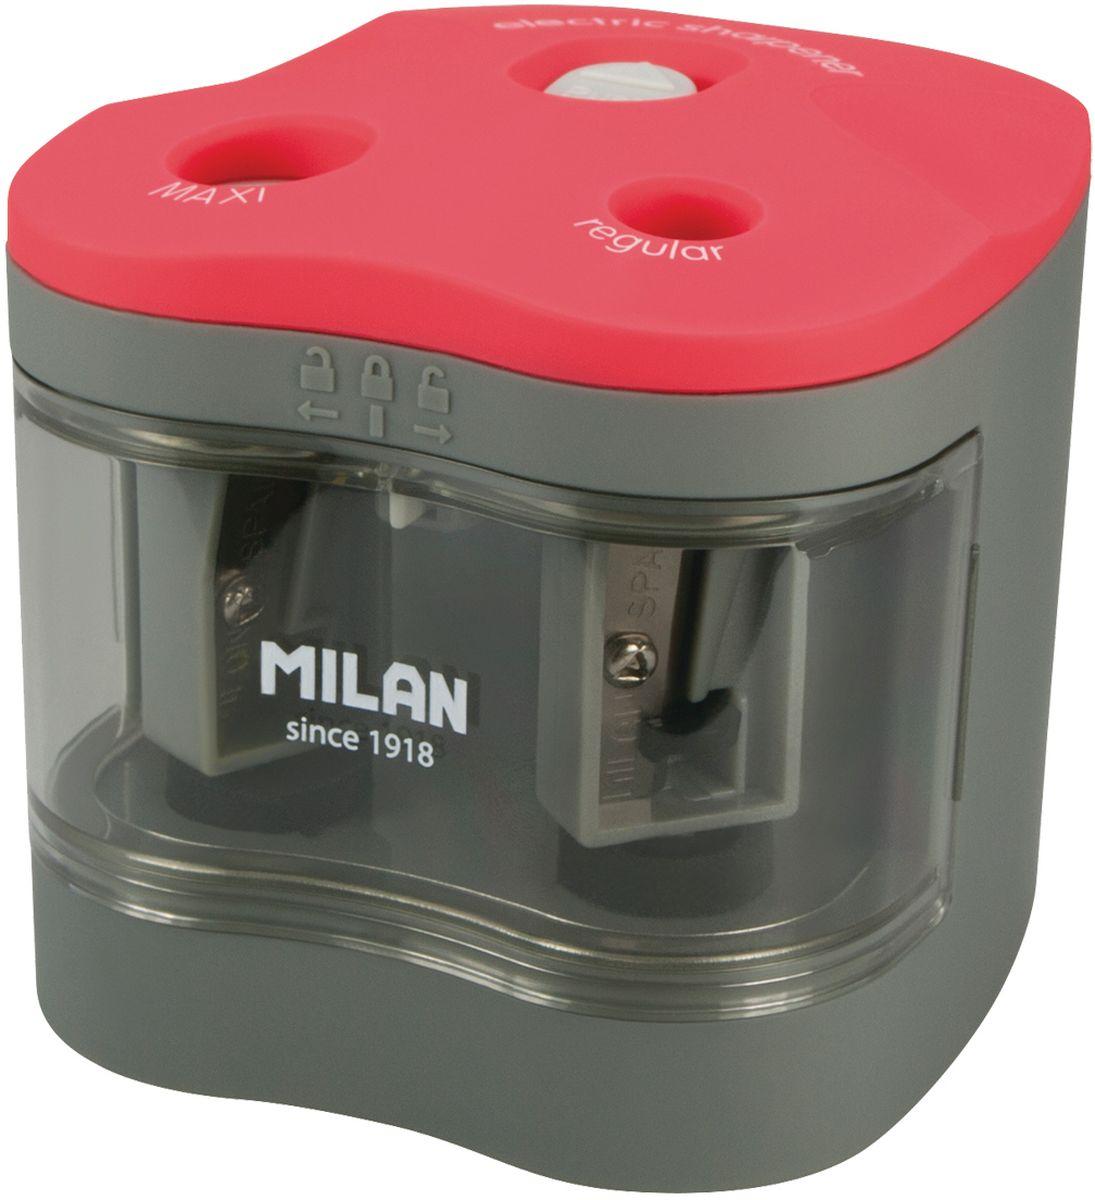 Milan Точилка электрическая Maxi Regular с контейнеромFS-36054Электрическая точилка Milan Maxi Regular с контейнером имеет острые, устойчивые к повреждению лезвия. Точилка идеально подходит для графитовых и цветных карандашей. Съемная передняя крышка для обеспечения утилизации стружки. В блистерной упаковке точилка и 4 батарейки 1,5V.